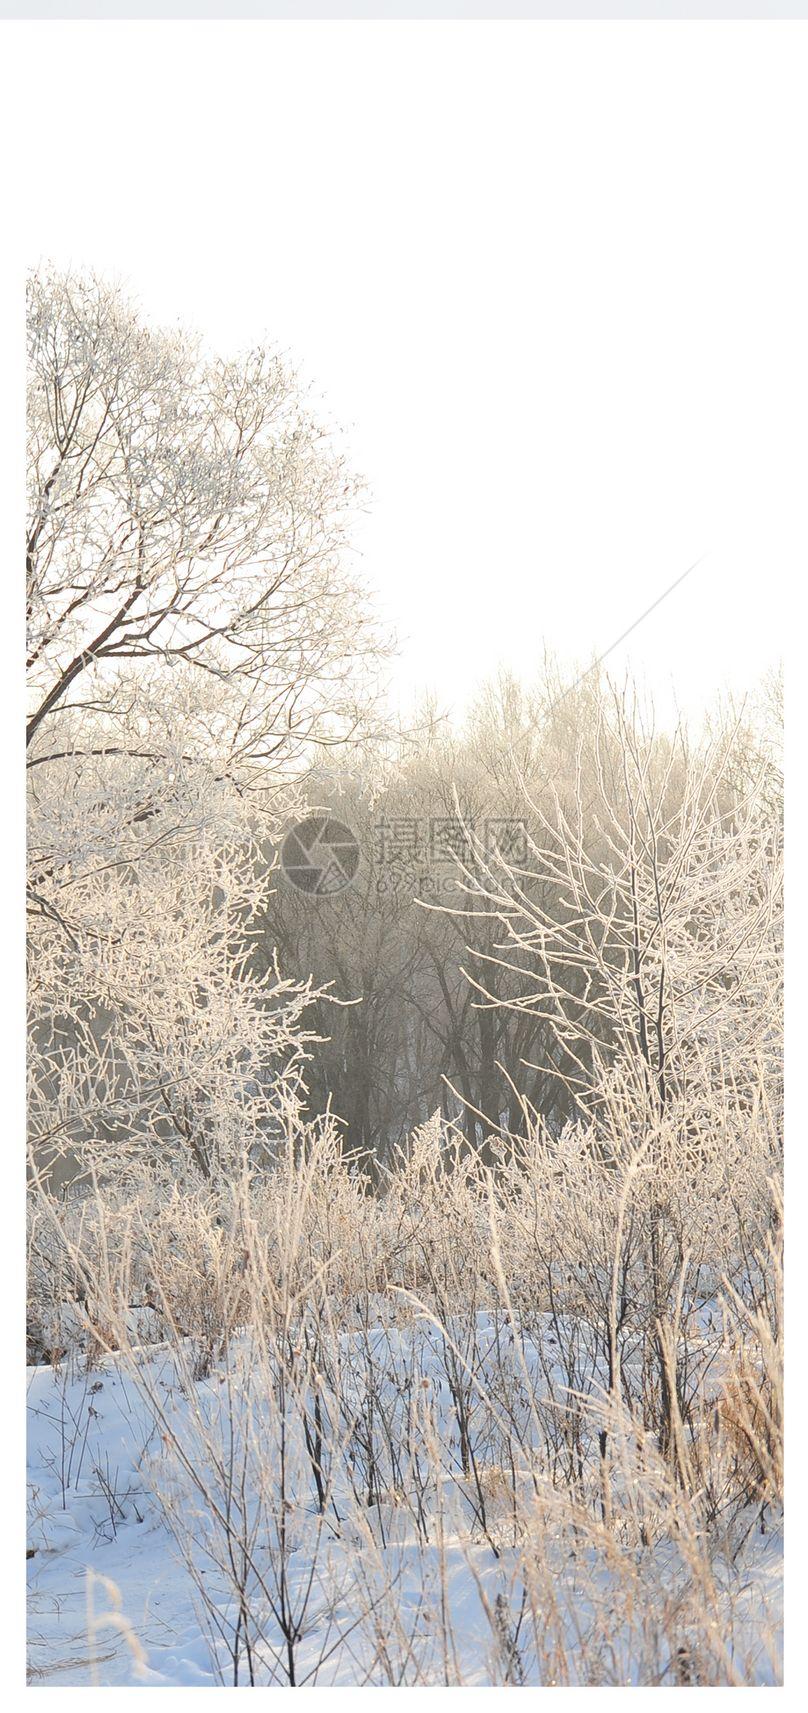 雾凇雪景手机壁纸图片